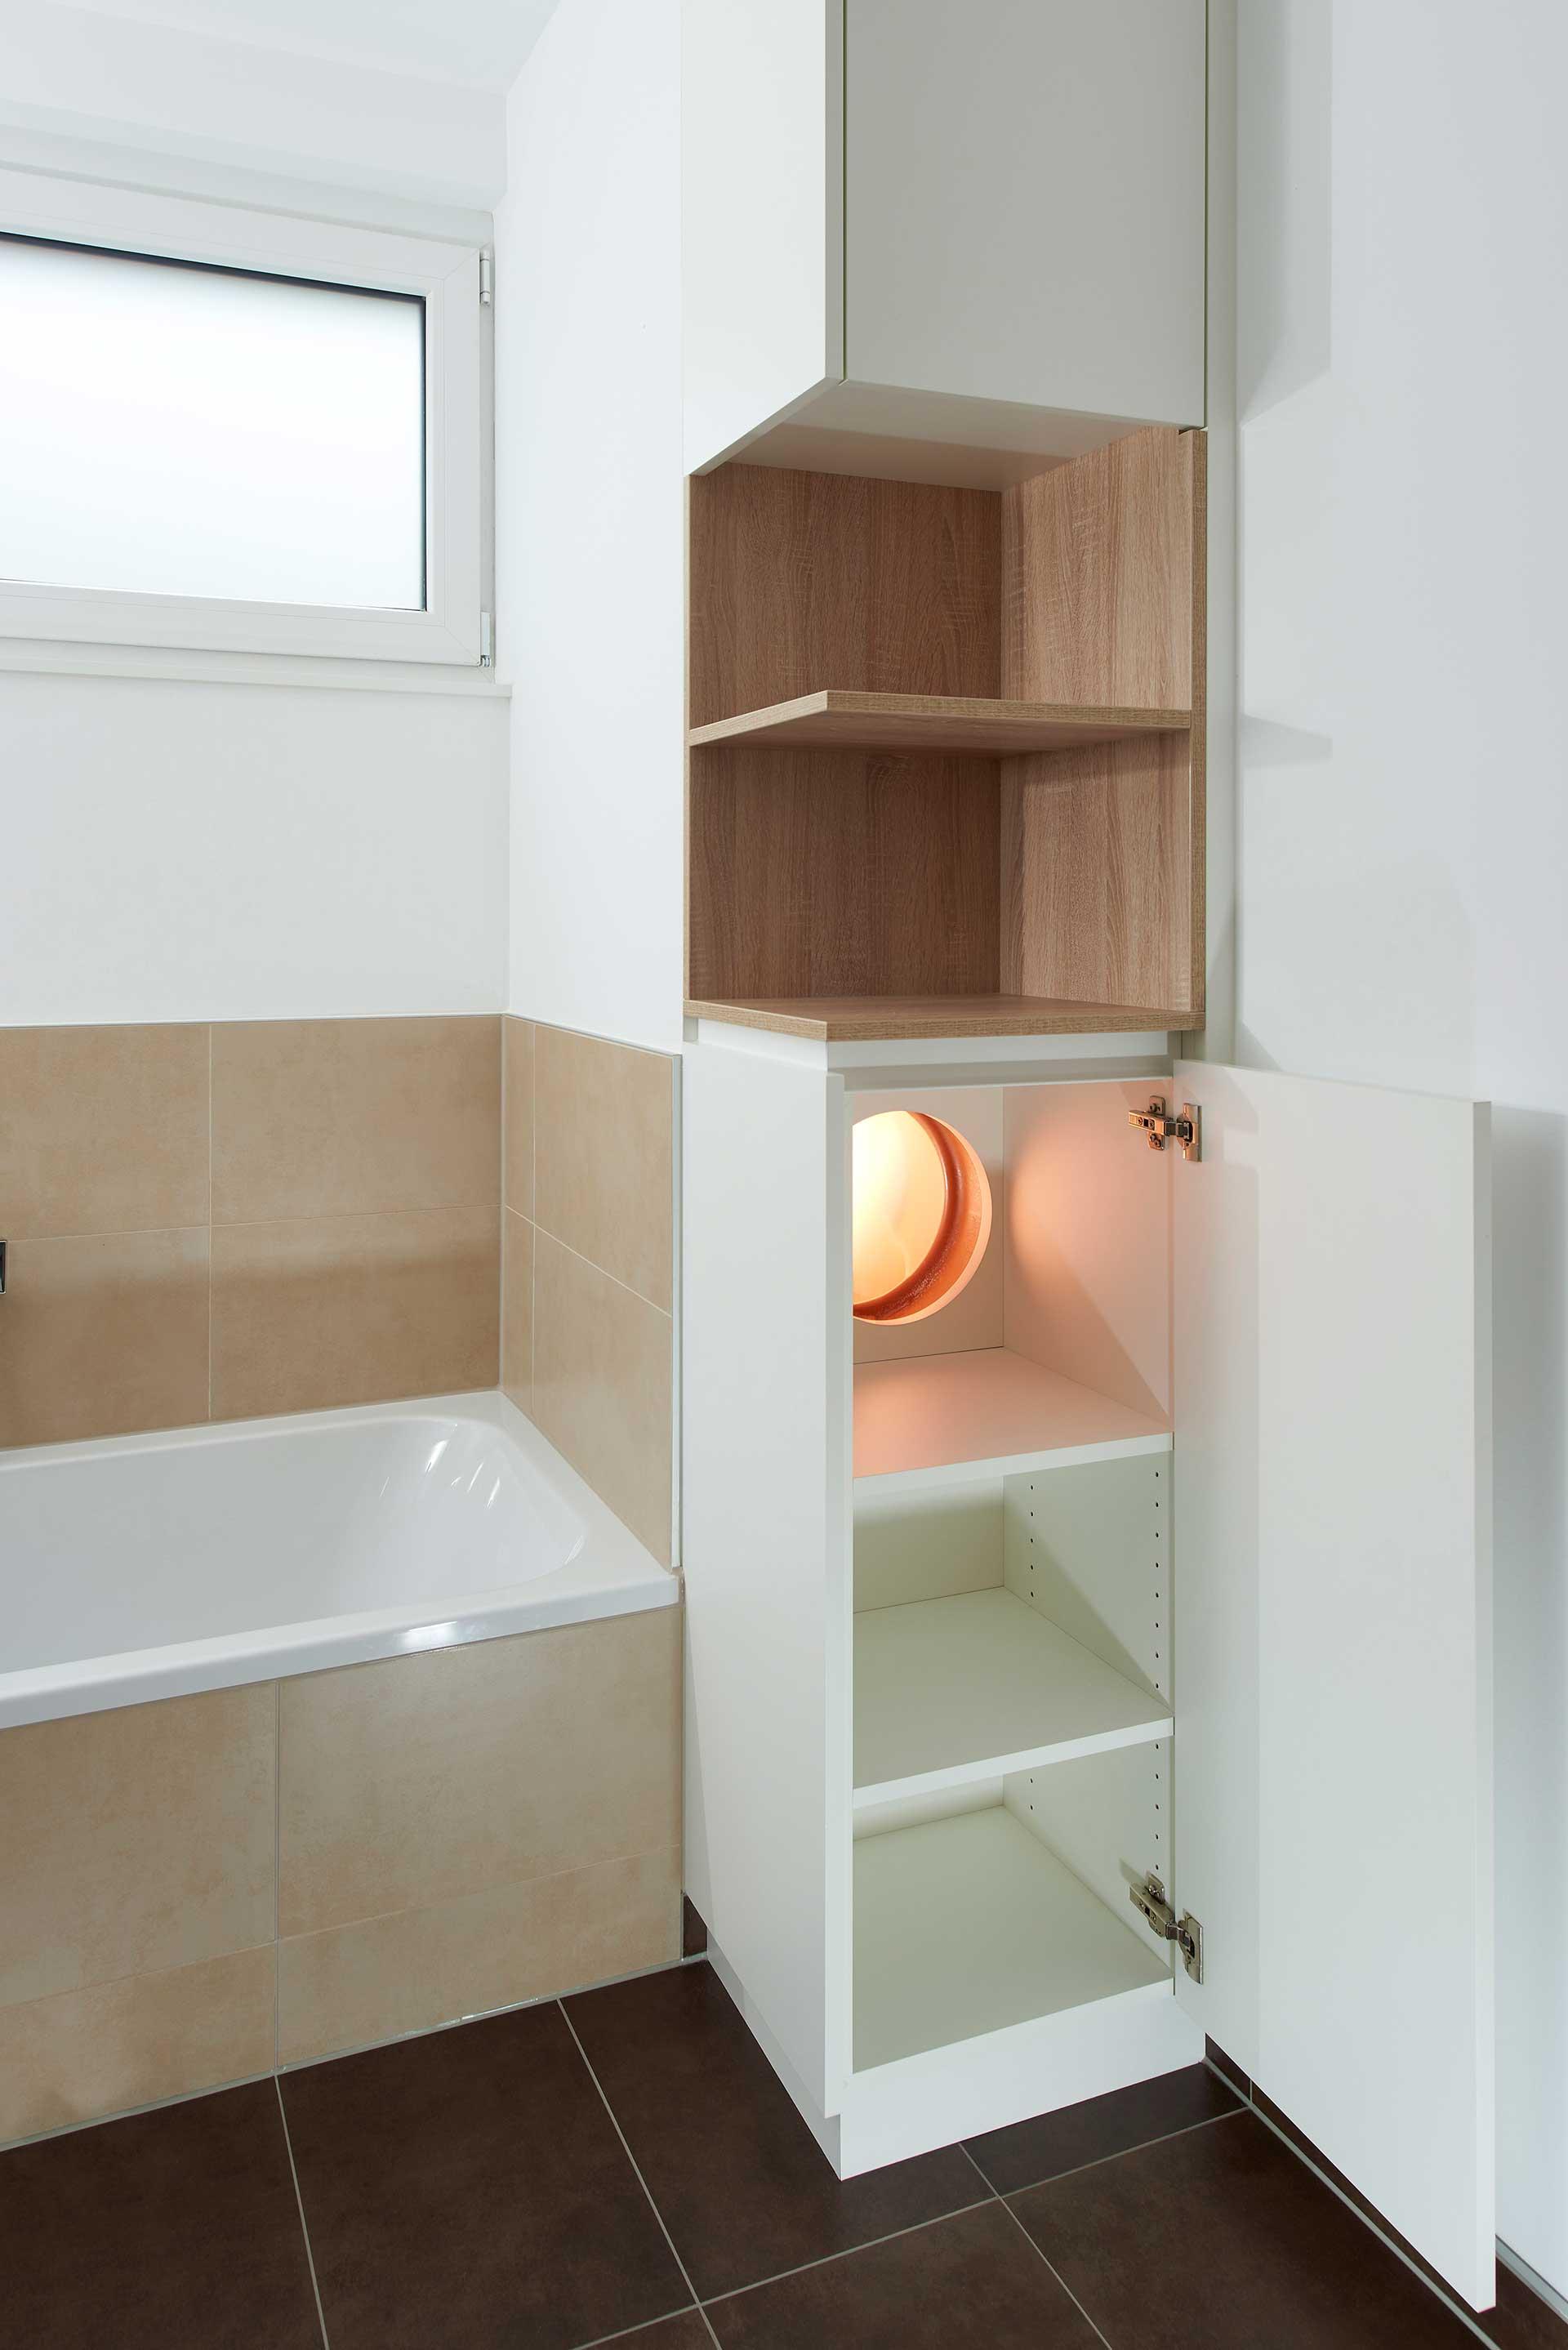 baden 6 m bel b hler schorndorf. Black Bedroom Furniture Sets. Home Design Ideas